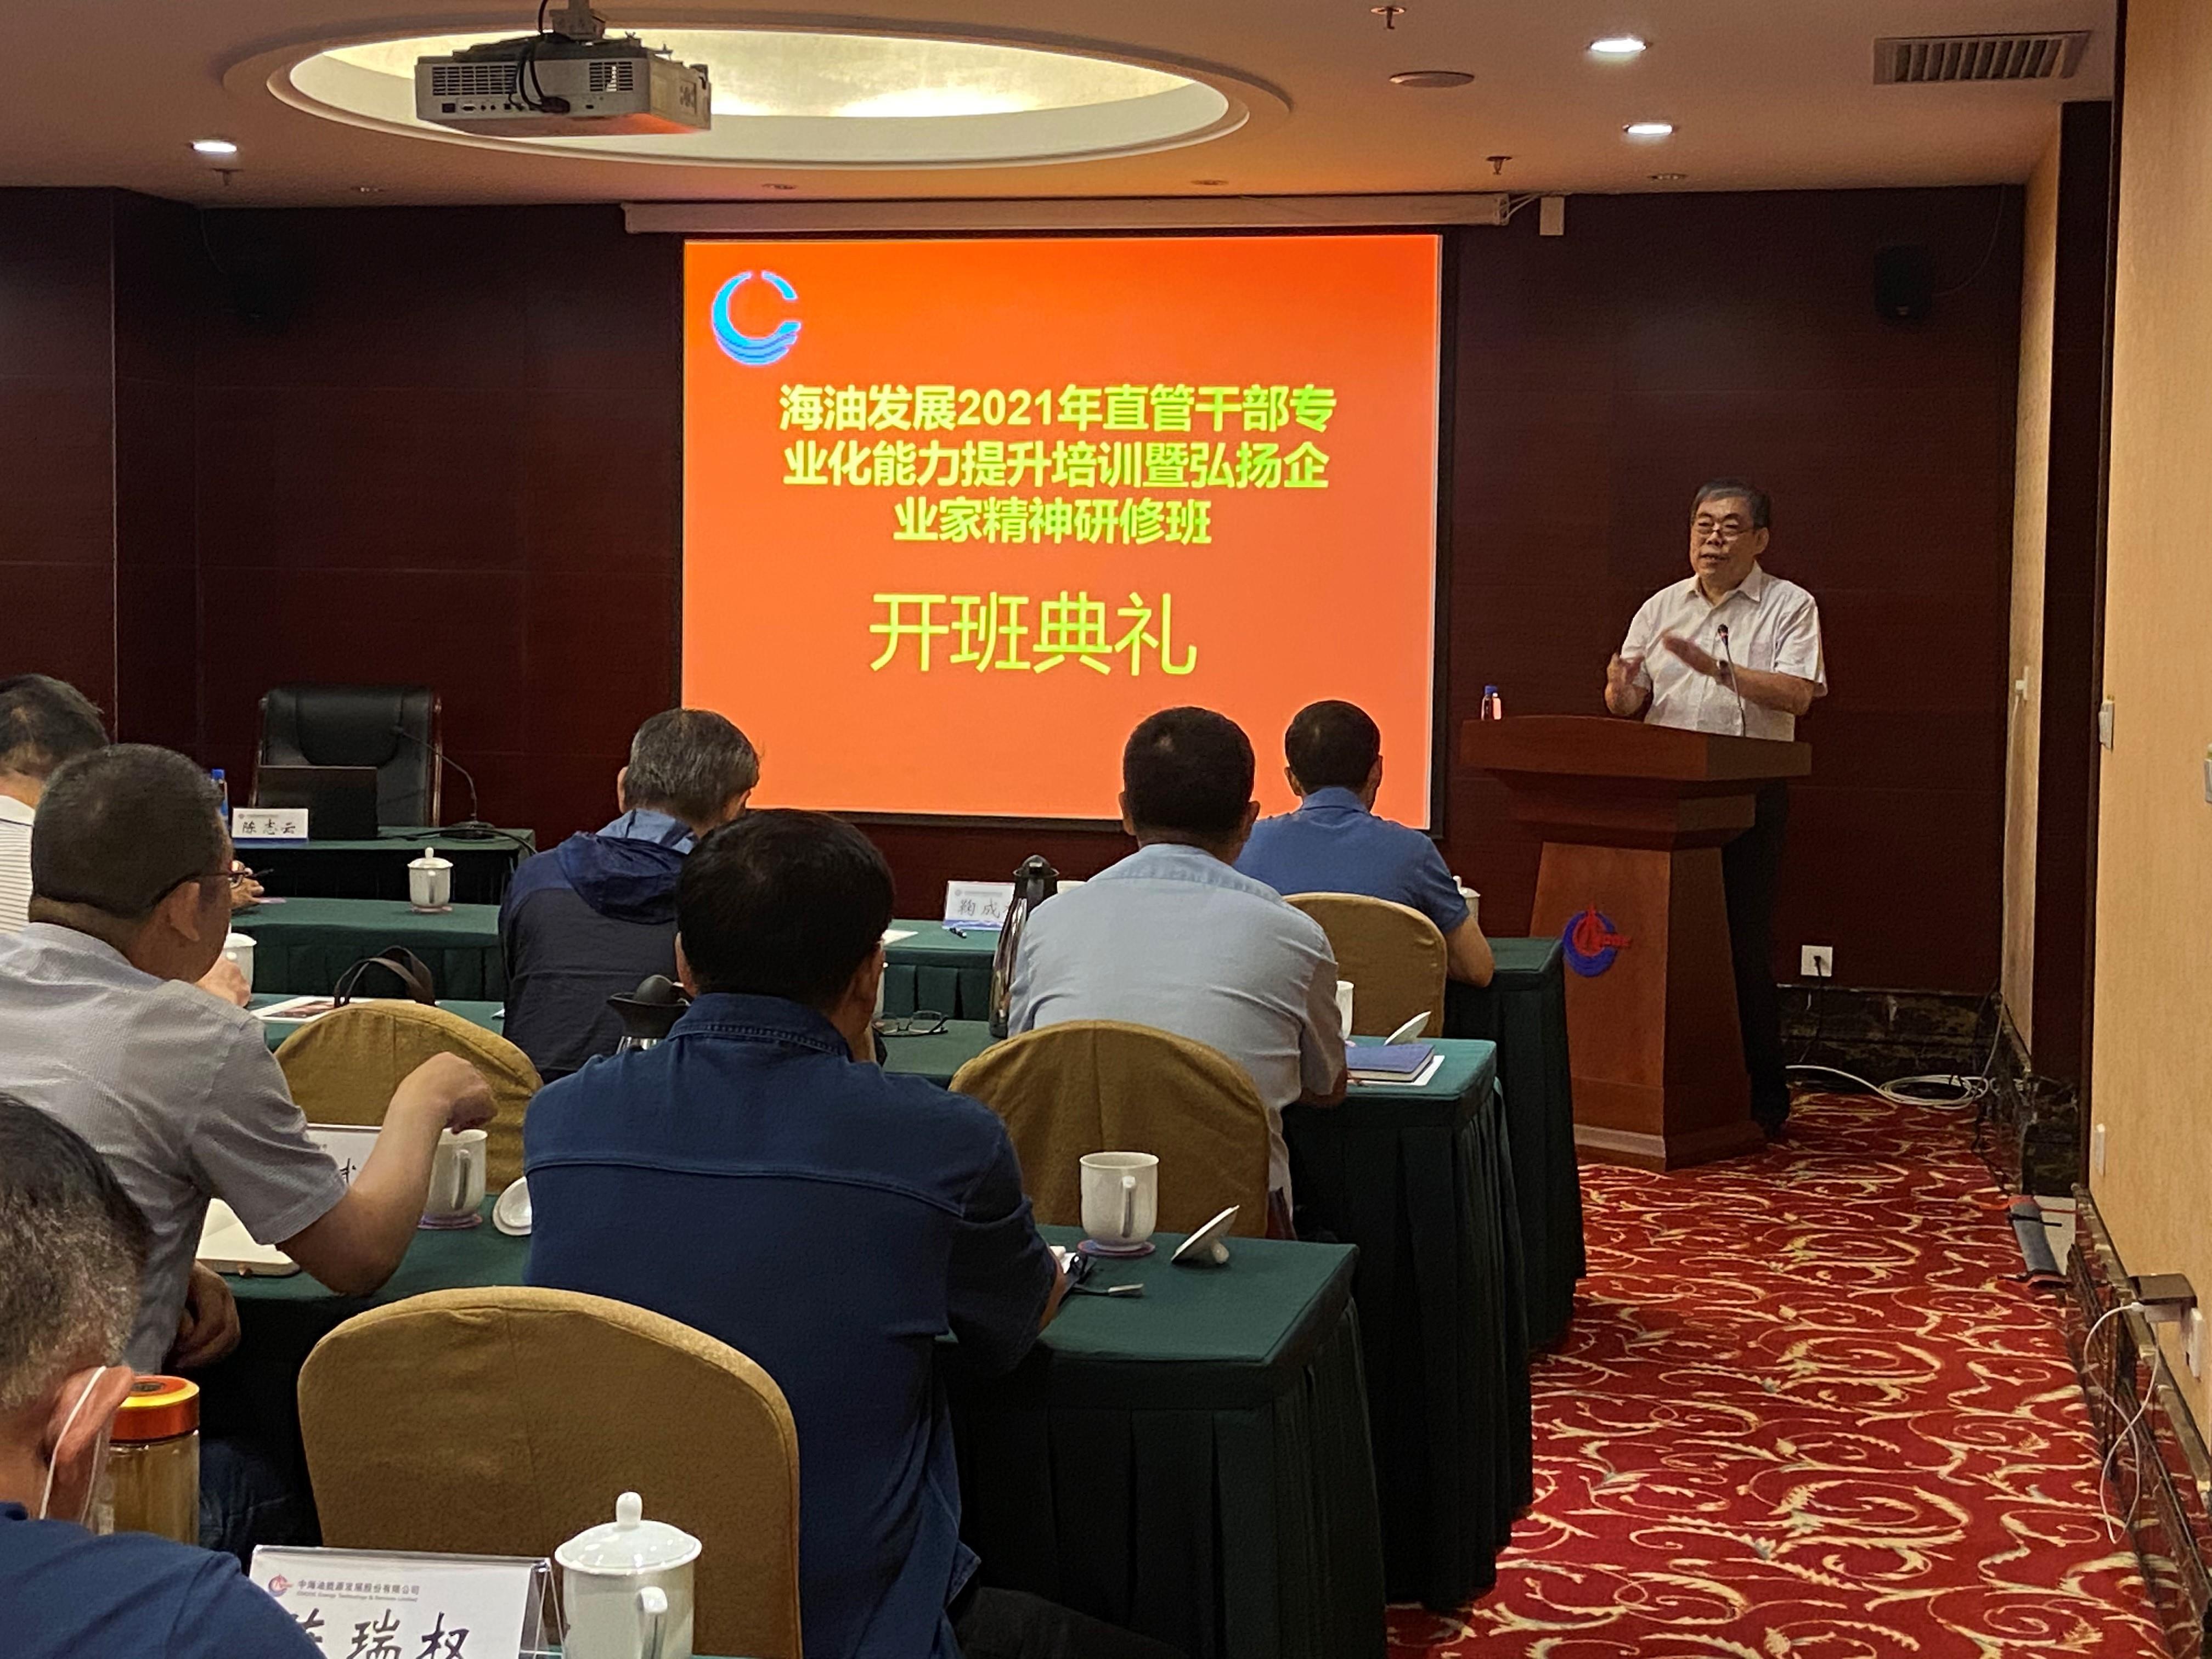 中海油集团直管干部培训班顺利举行